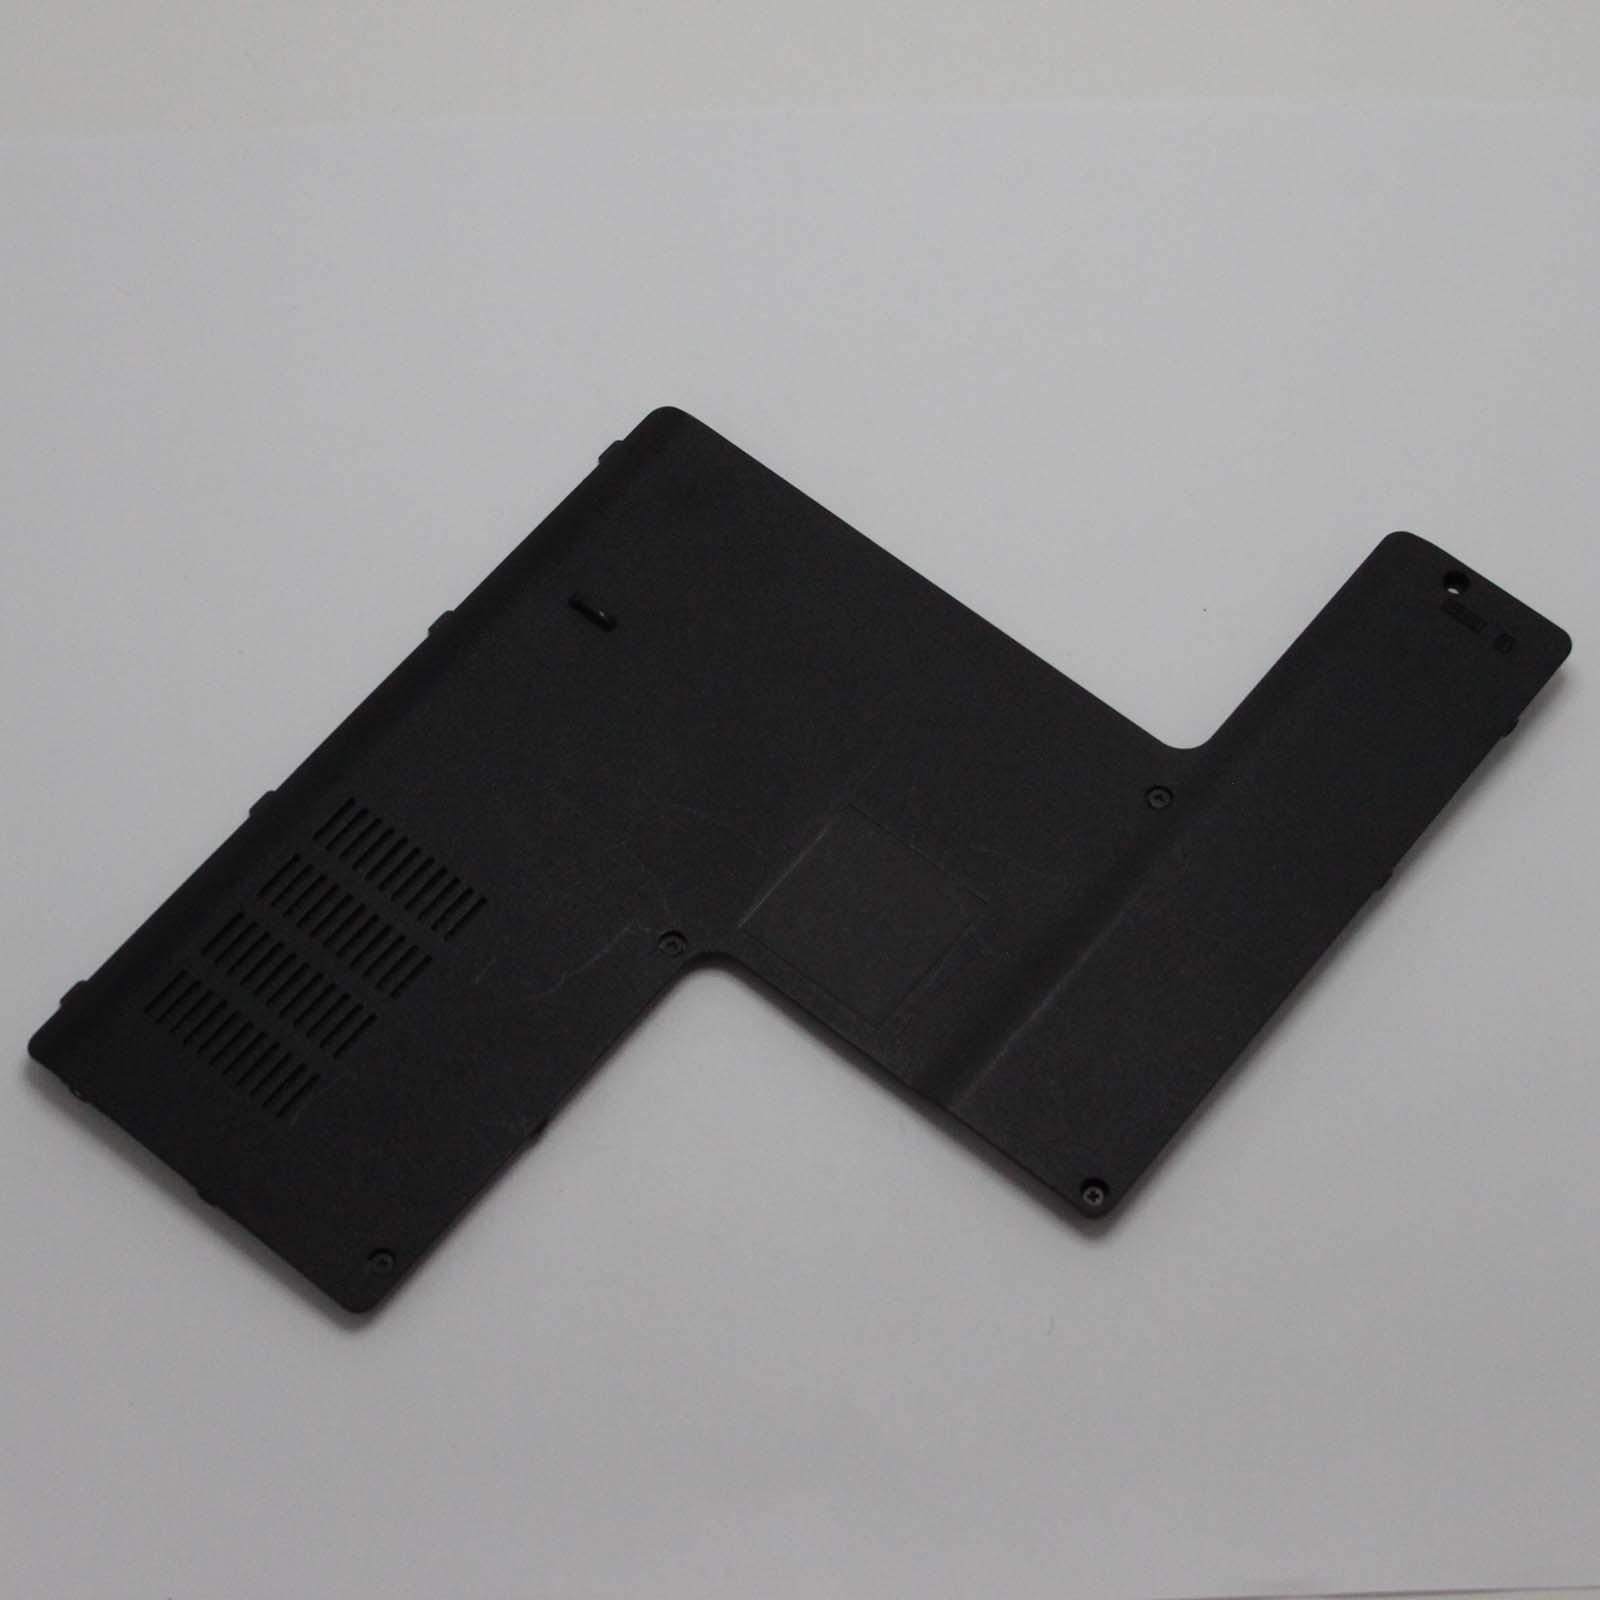 Coperchio HD RAM Packard bell EASYNOTE TJ68 WIS604BU0200410030902A04-06930 Tappo